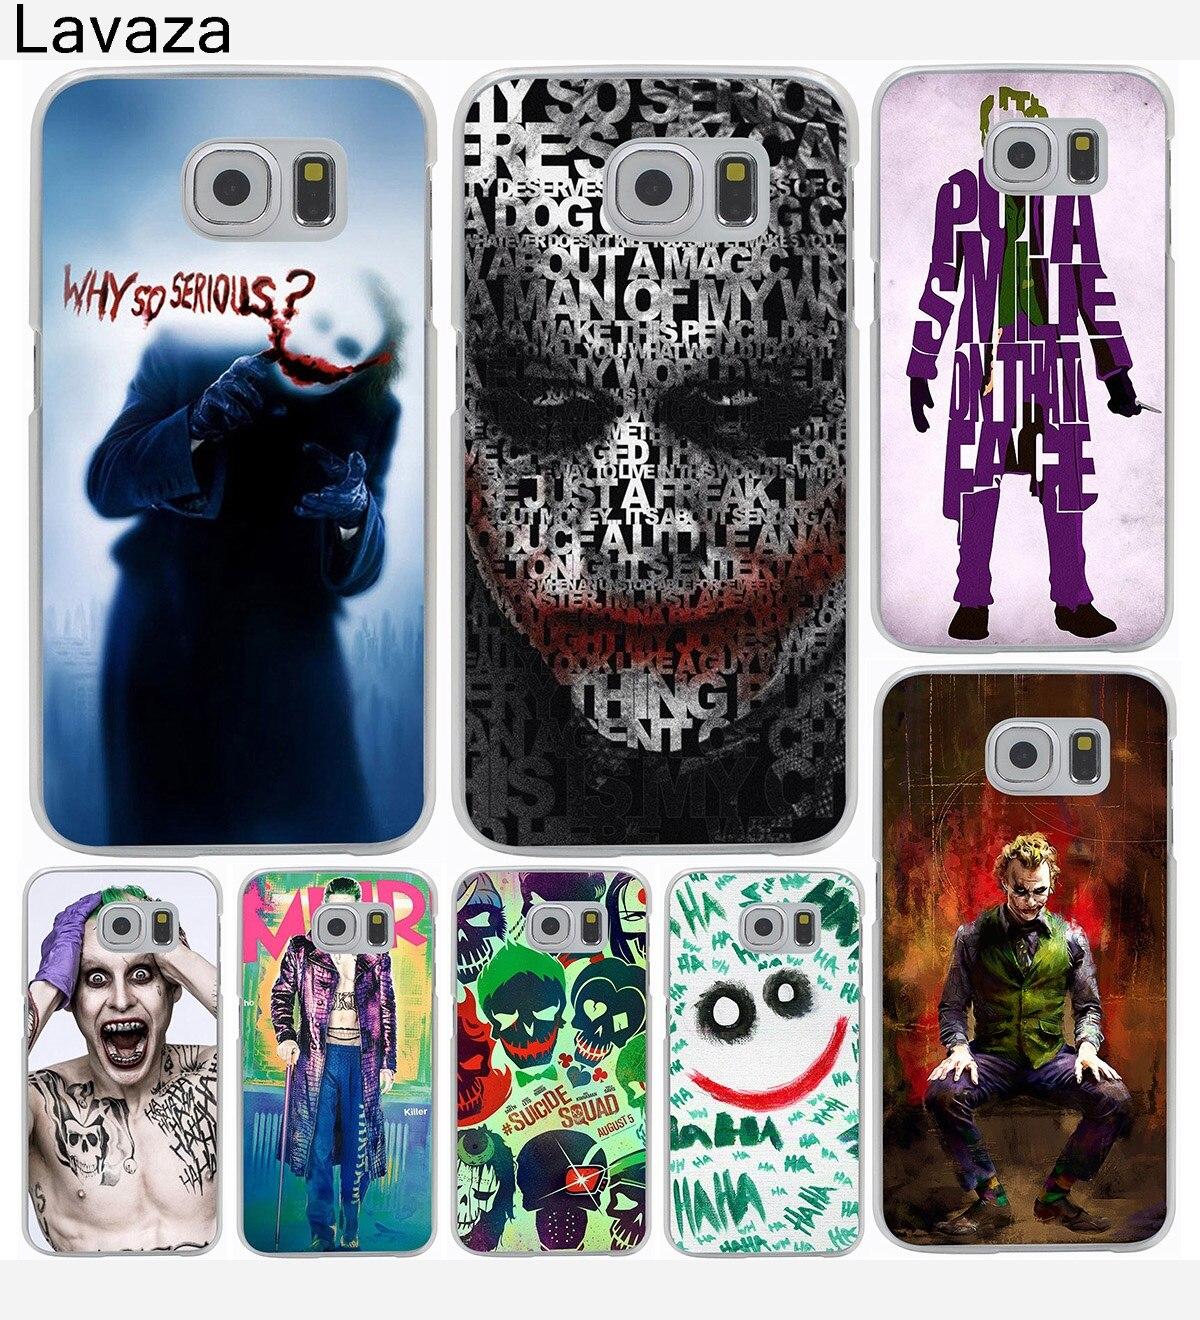 Joker Harley Quinn Hard Cover Case for Galaxy S3 S4 S5 & Mini S6 S7 S8 Edge Plus